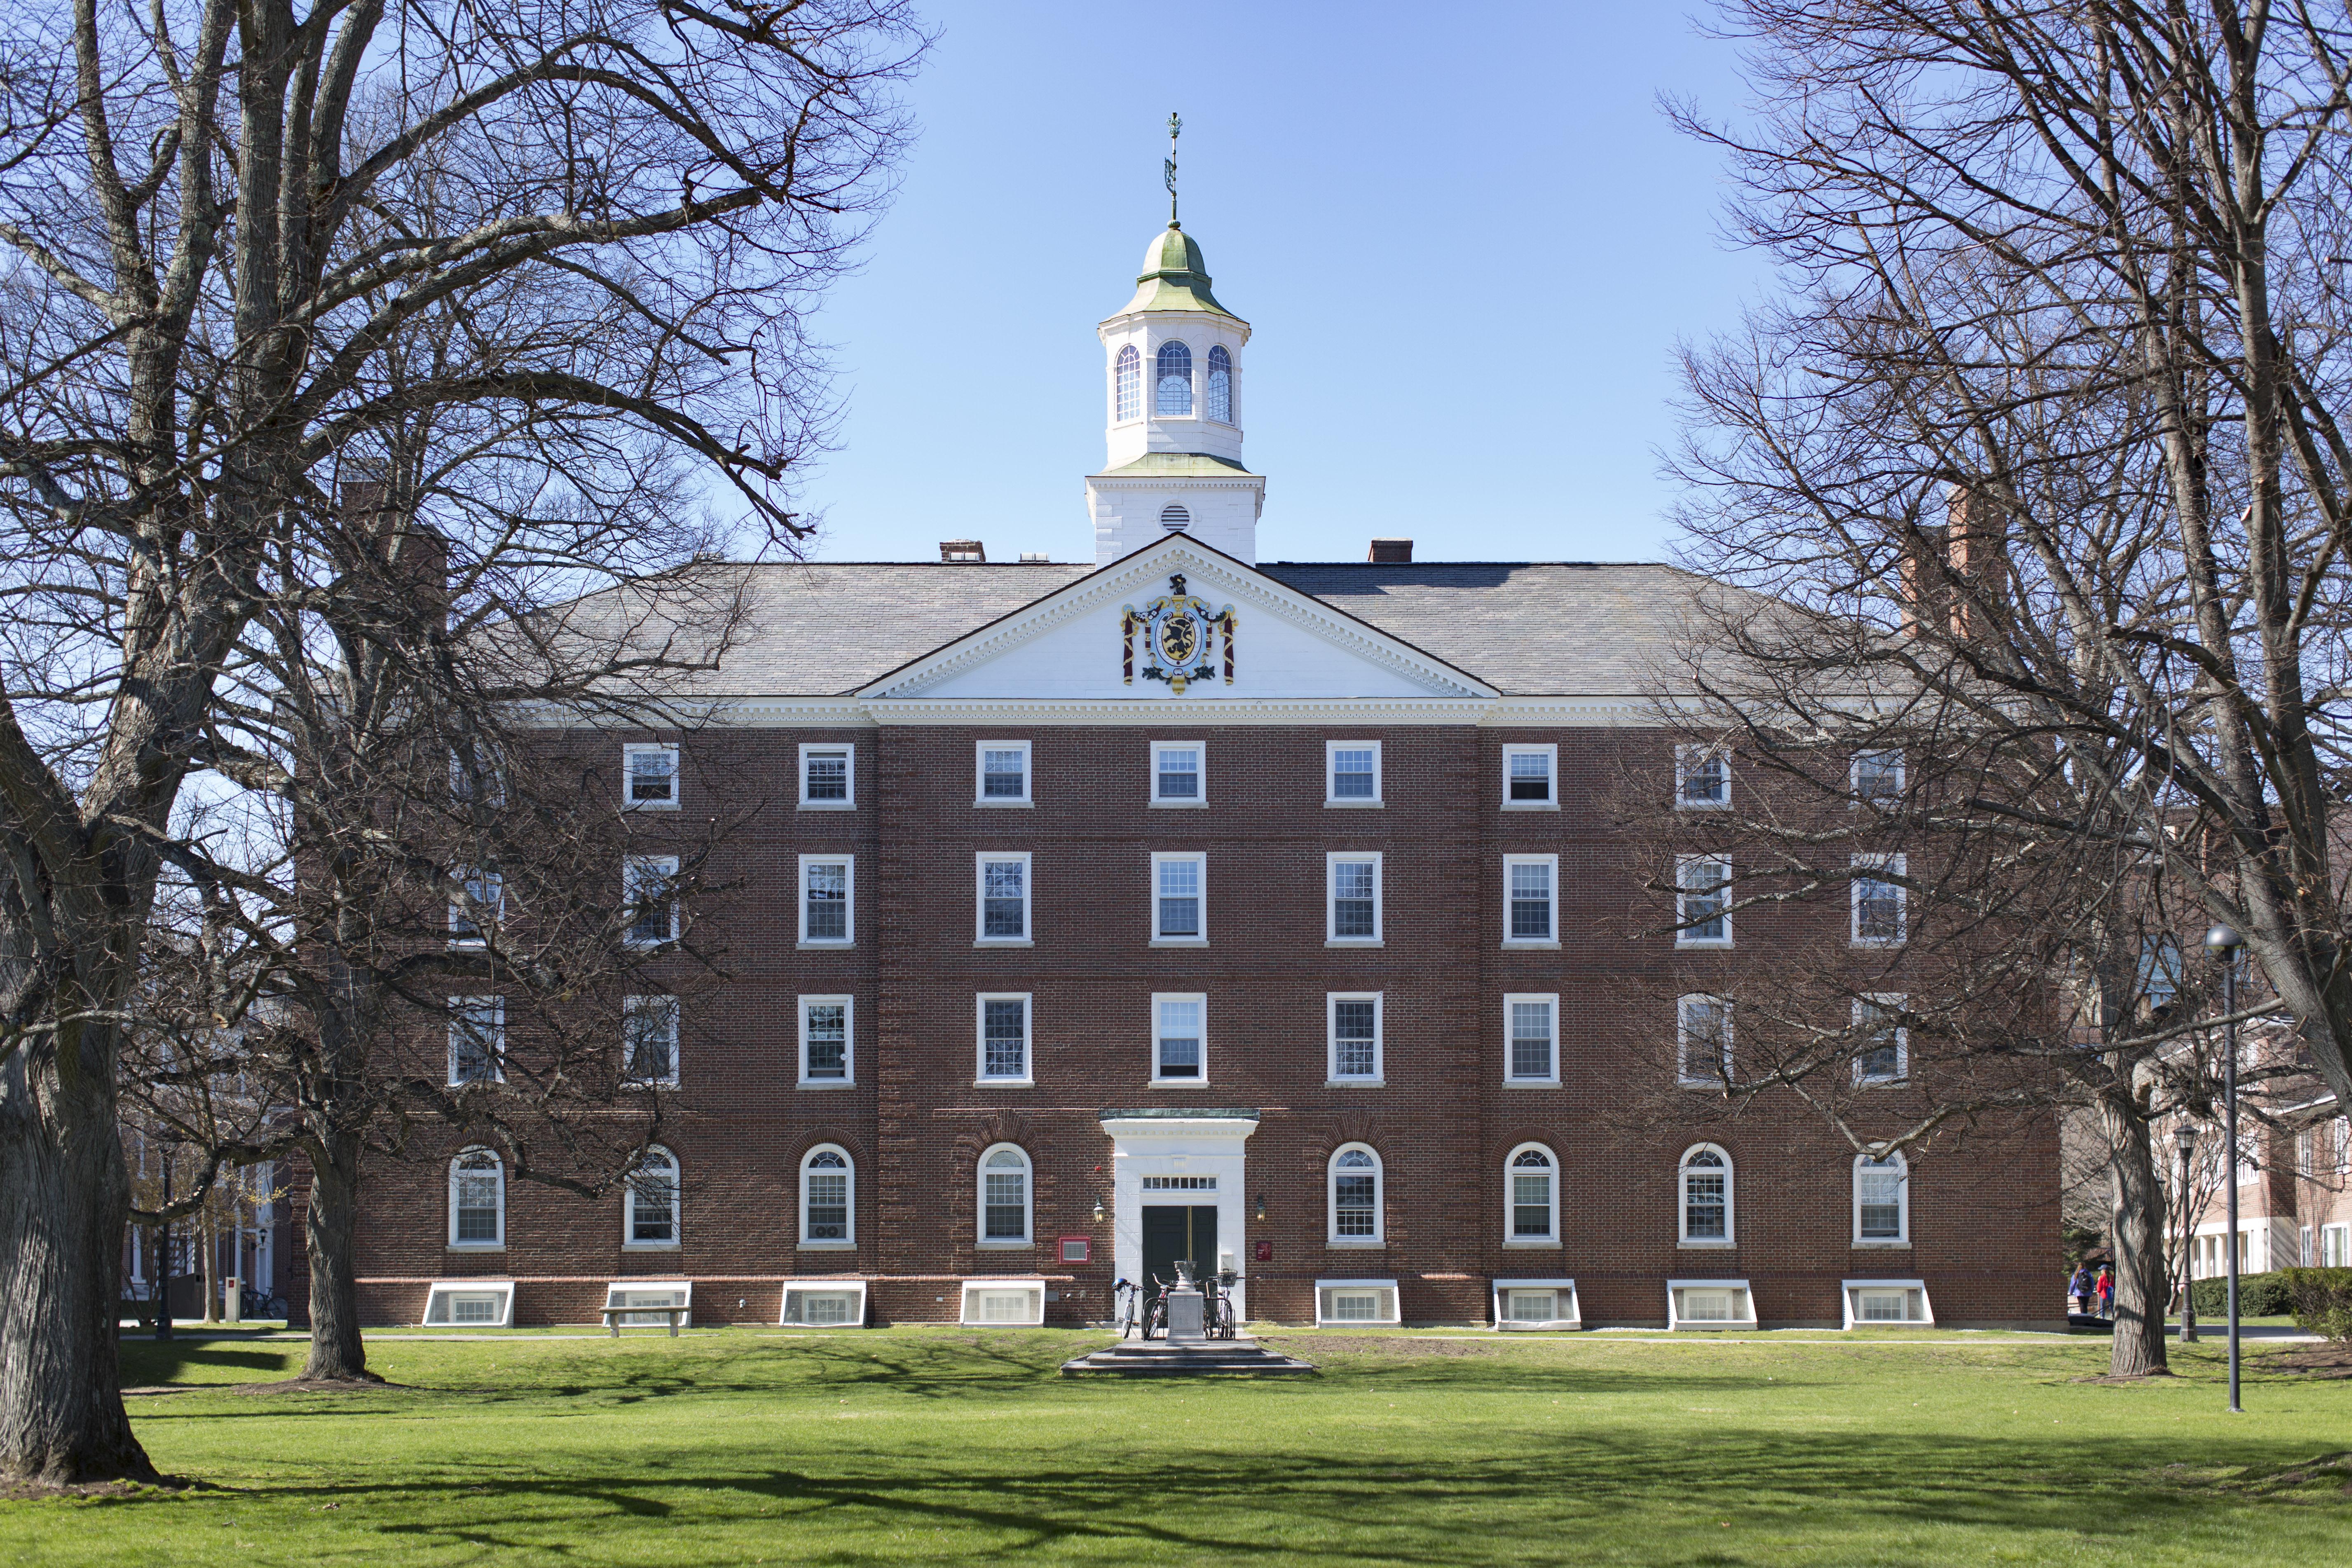 Private schools, painful secrets - The Boston Globe